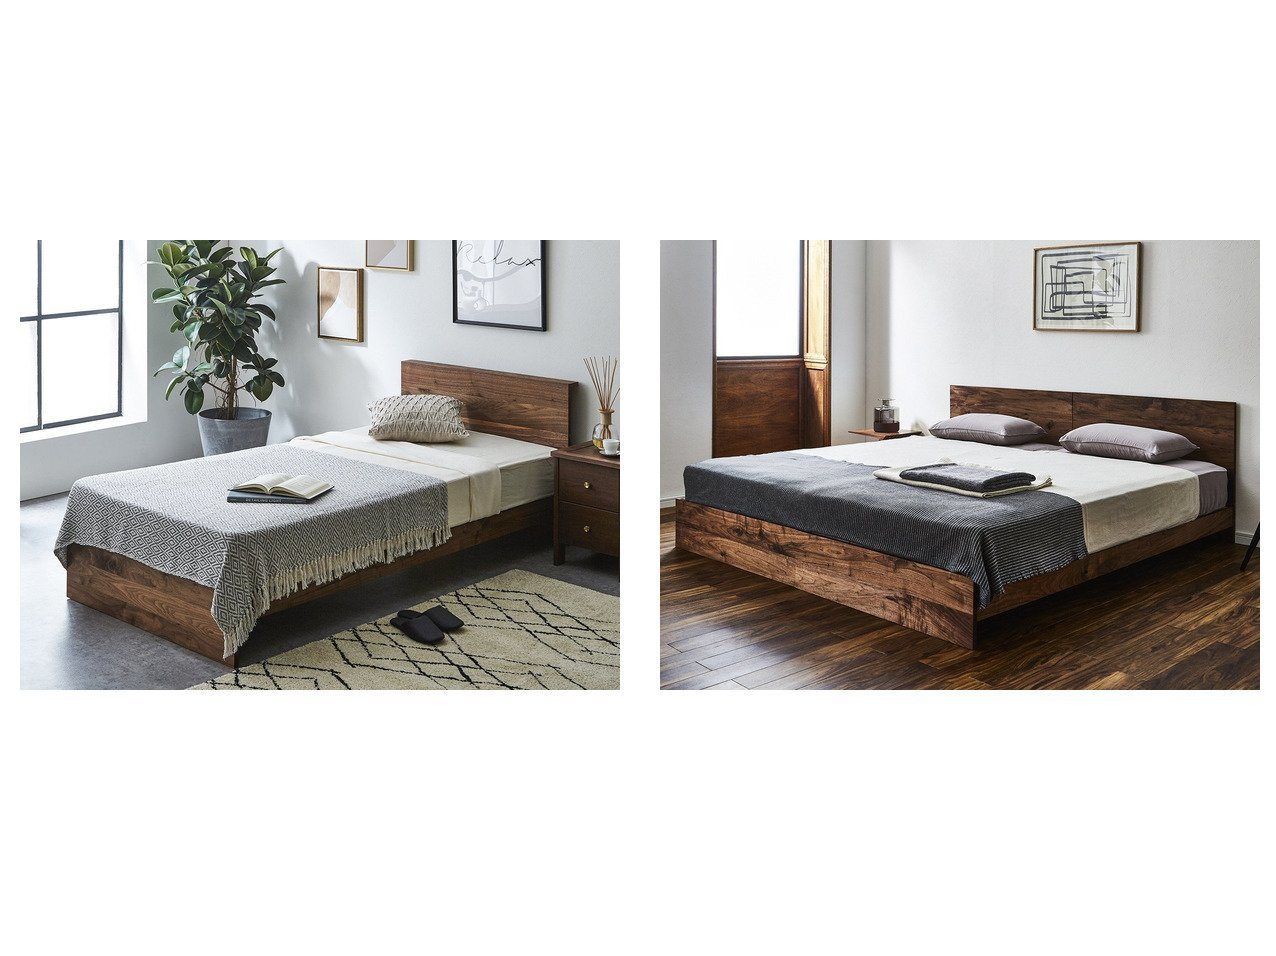 【FLYMEe vert/フライミー ヴェール】のベッドフレーム #108078&ベッドフレーム #108077 【FURNITURE】おすすめ!人気、インテリア雑貨・家具の通販 おすすめで人気の流行・トレンド、ファッションの通販商品 インテリア・家具・メンズファッション・キッズファッション・レディースファッション・服の通販 founy(ファニー) https://founy.com/ シンプル スマート ダブル フレーム ホーム・キャンプ・アウトドア Home,Garden,Outdoor,Camping Gear 家具・インテリア Furniture ベッド Bed シングルベッド ホーム・キャンプ・アウトドア Home,Garden,Outdoor,Camping Gear 家具・インテリア Furniture ベッド Bed セミダブルベッド ホーム・キャンプ・アウトドア Home,Garden,Outdoor,Camping Gear 家具・インテリア Furniture ベッド Bed ダブルベッド ホーム・キャンプ・アウトドア Home,Garden,Outdoor,Camping Gear 家具・インテリア Furniture ベッド Bed |ID:crp329100000055688